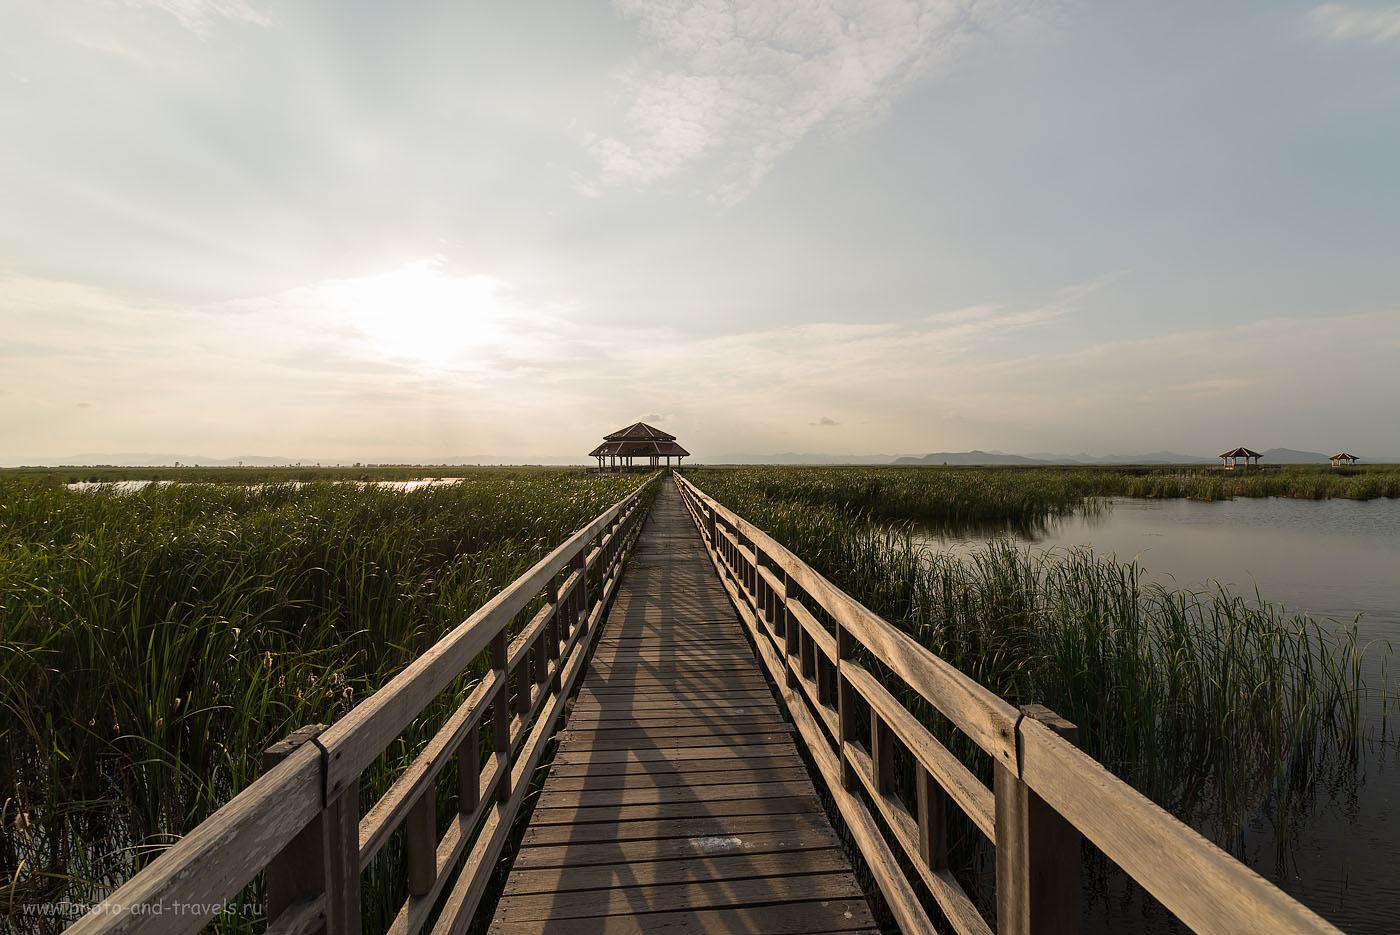 Фото 11. Дорога в болото Thung Sam Roi Yot Swamp . Национальный парк Као Сам Рой Йот (100, 14, F=8.0, 1/400, камера Nikon D610, объектив Samyang 14/2.8)